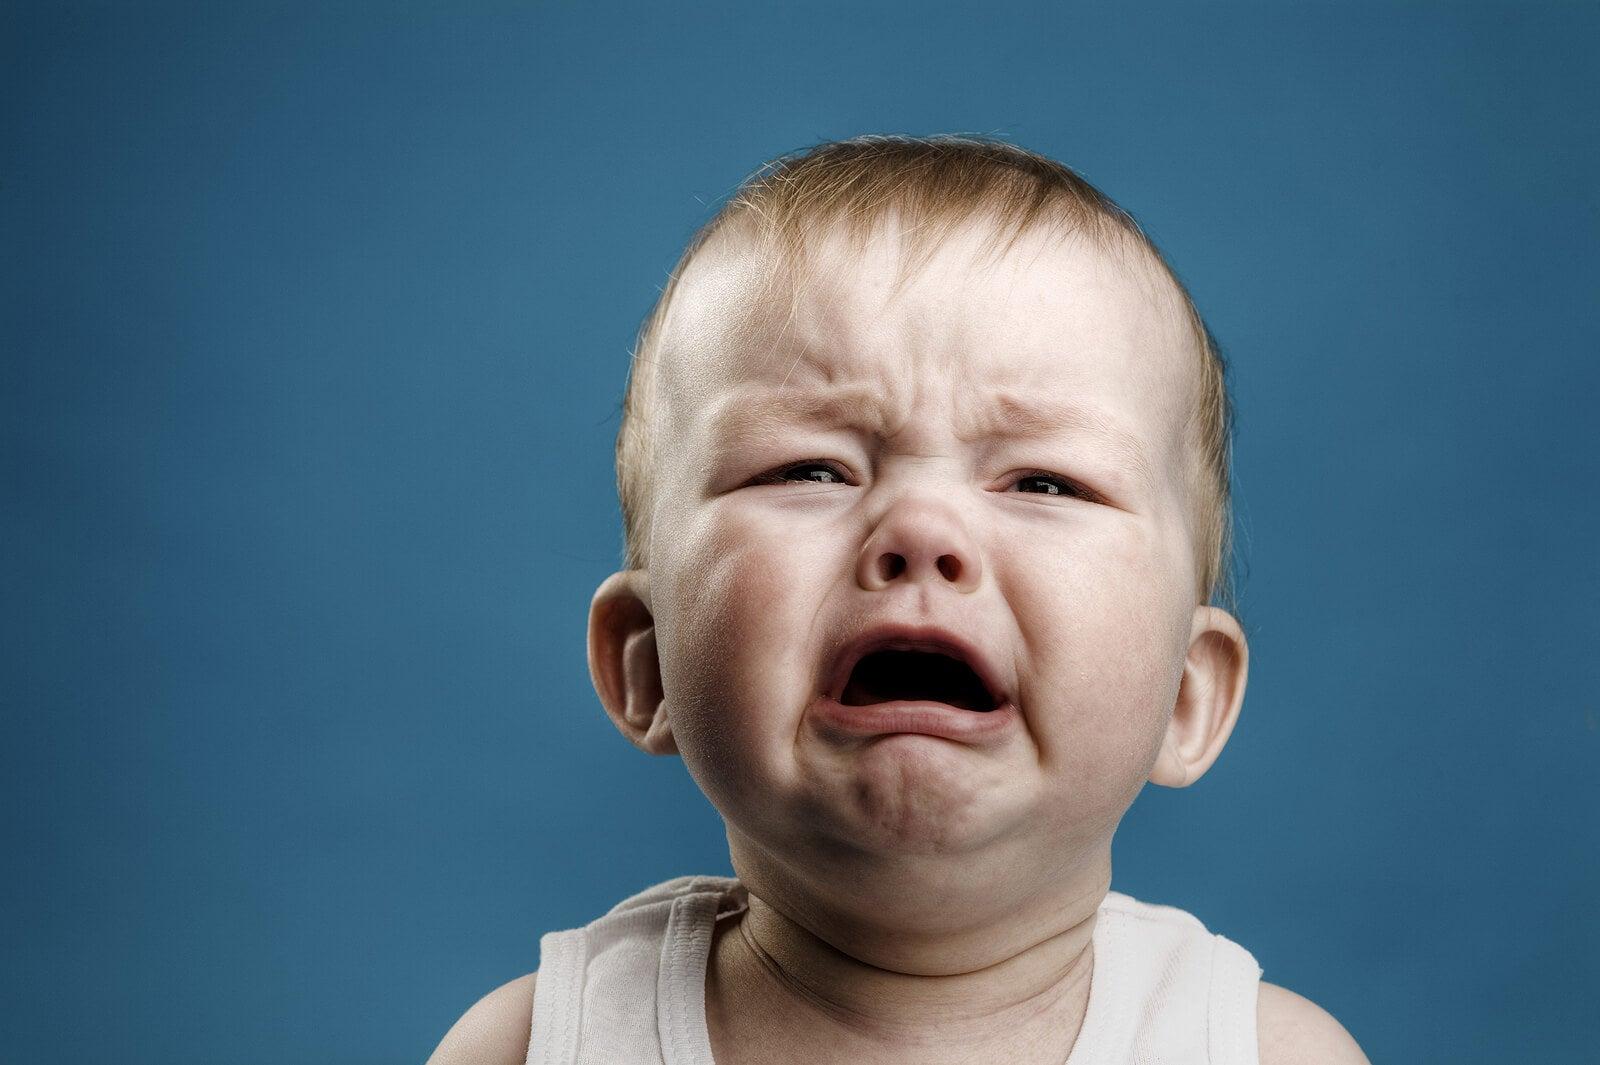 Niño con dolor de boca.